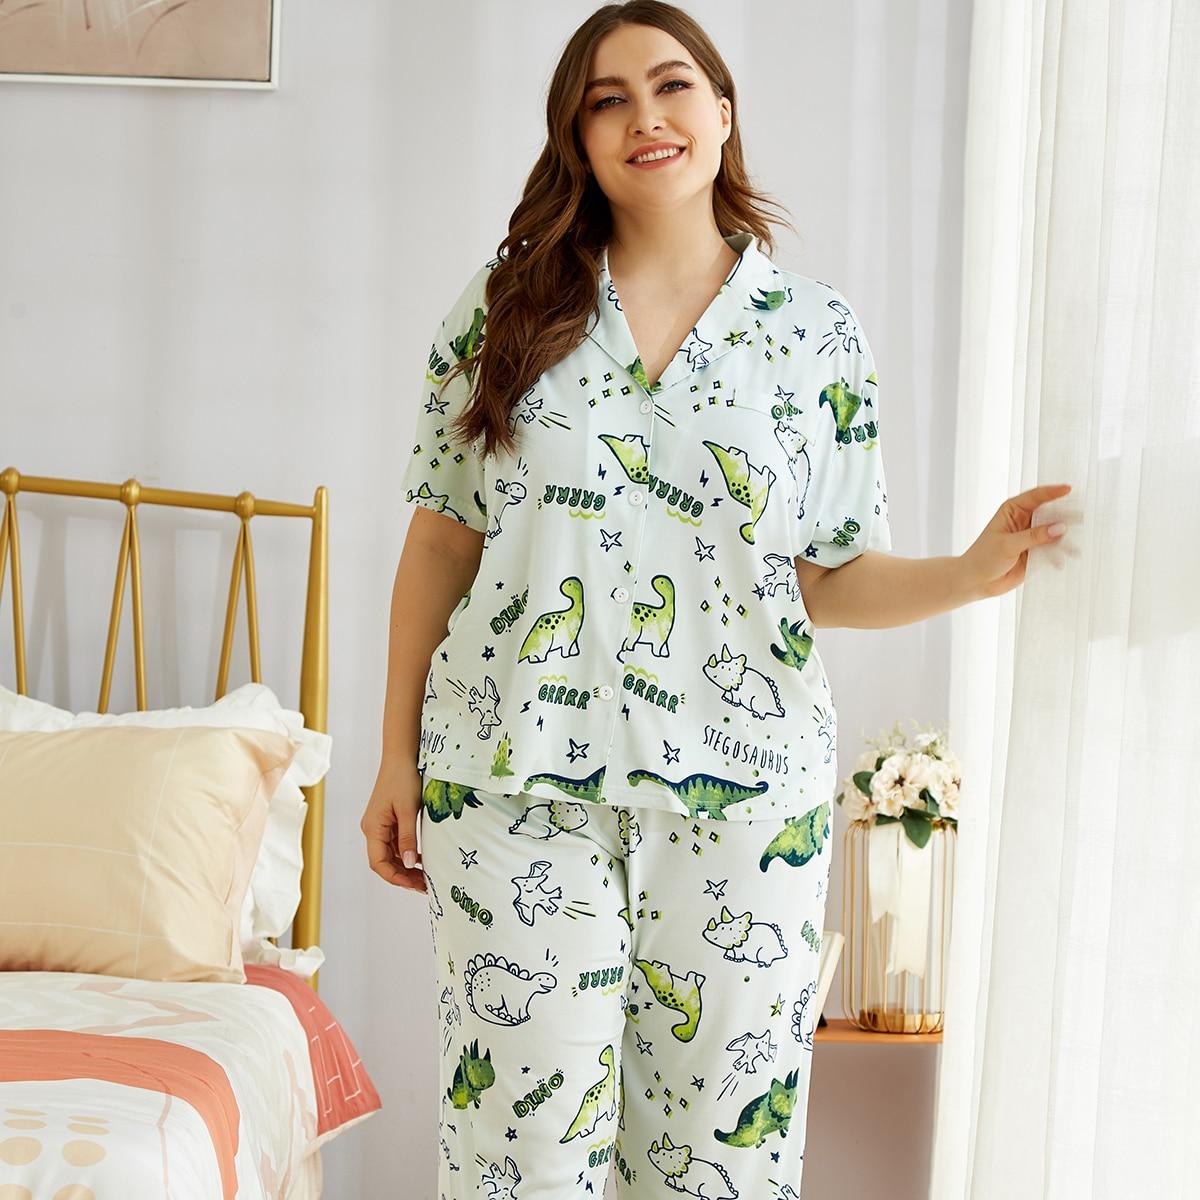 shein Munt groen Schattig Spotprent Grote maten pyjama sets